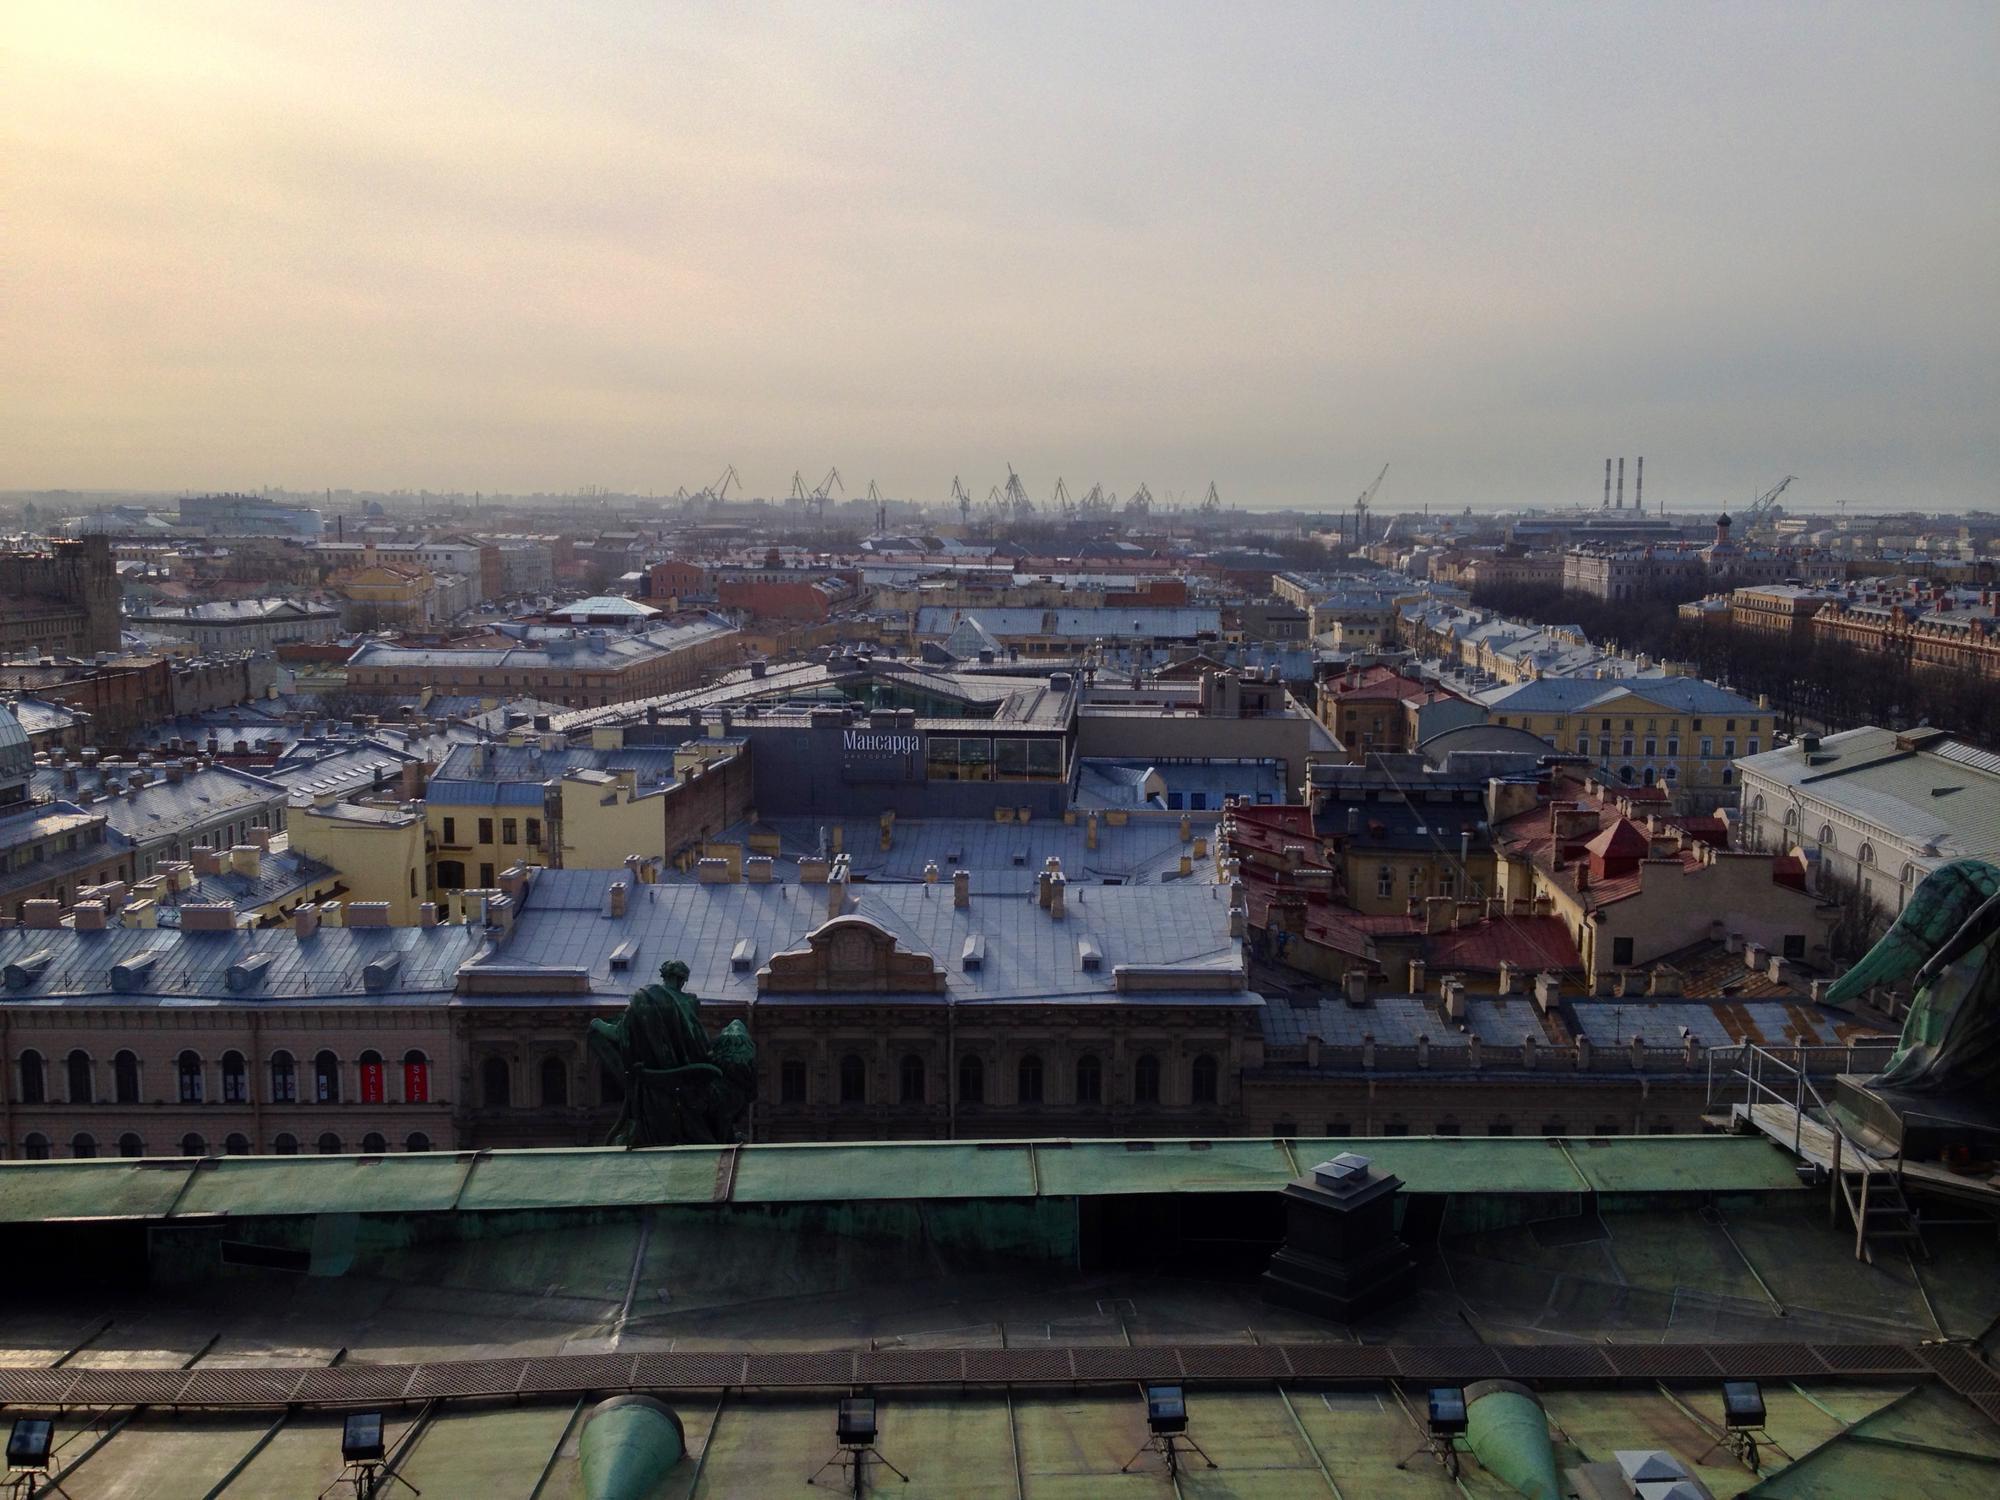 🇷🇺 Санкт-Петербург, Россия, февраль 2014.